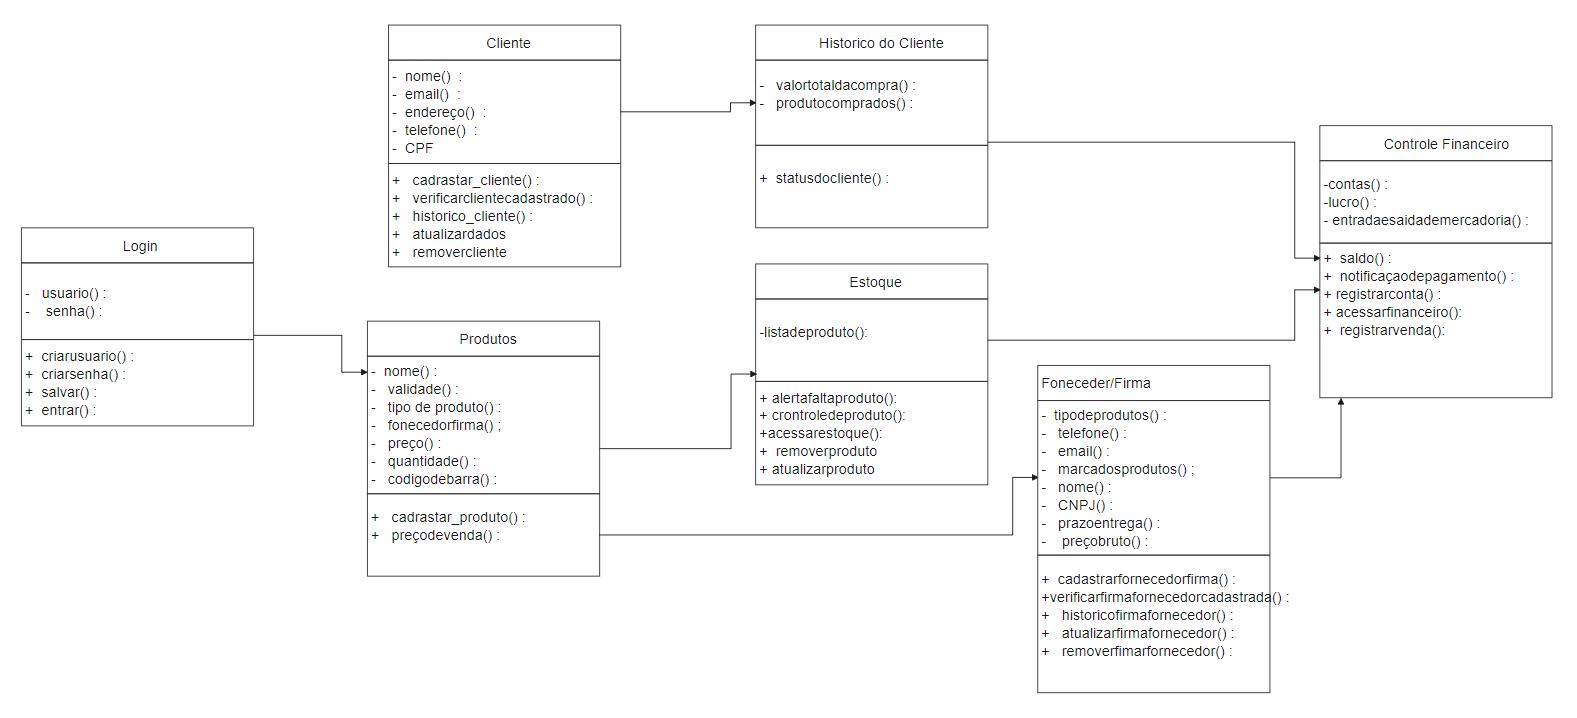 Client UML Diagram